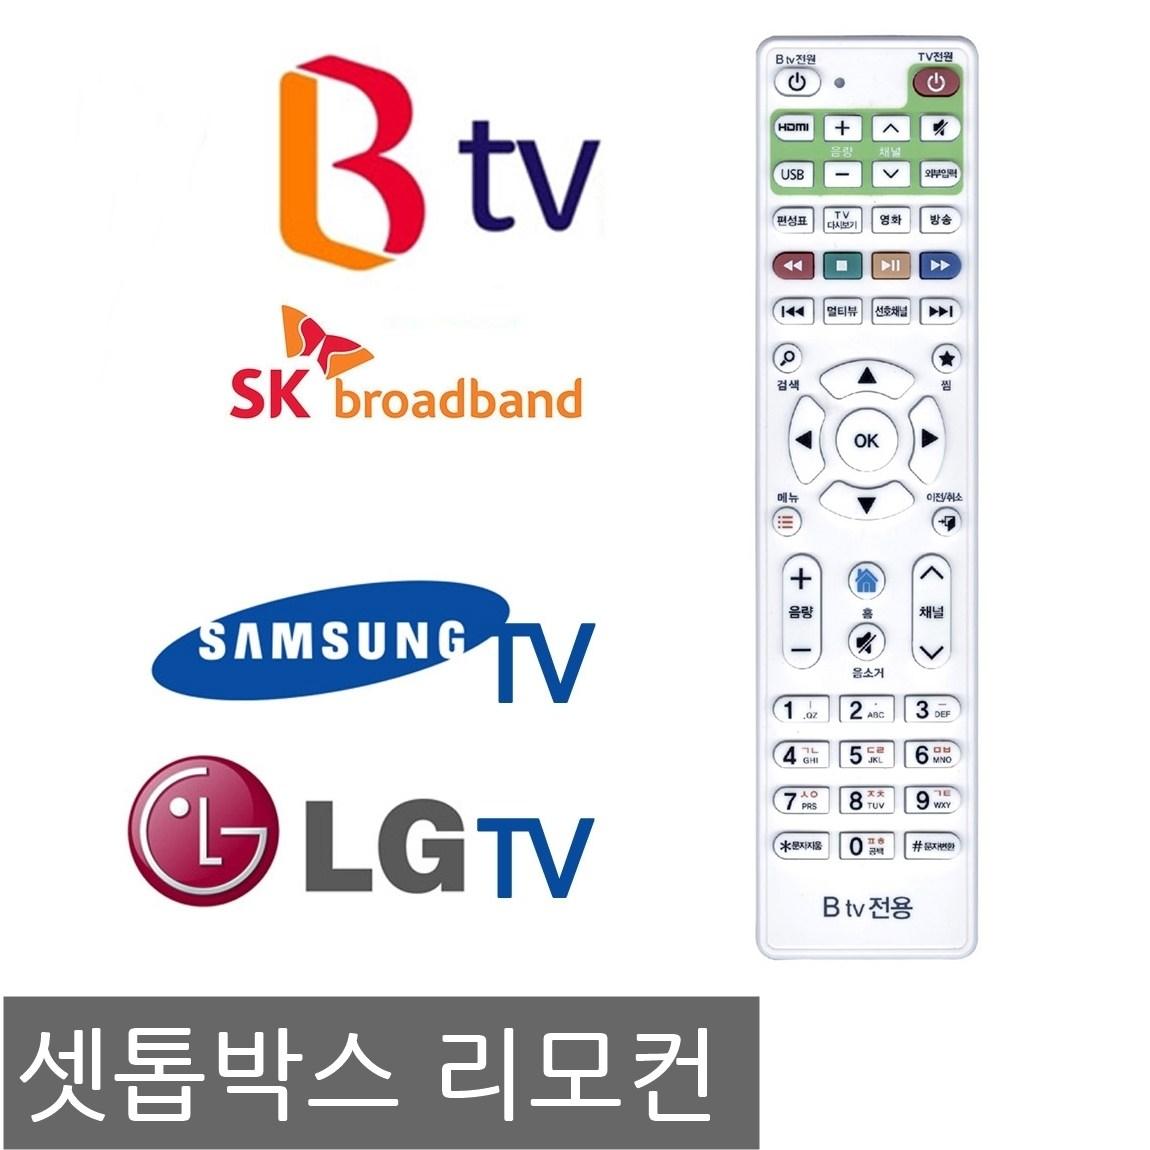 에스몰유통 SK BTV 셋톱박스 리모컨 삼성 LGTV 리모콘, 본상품1개